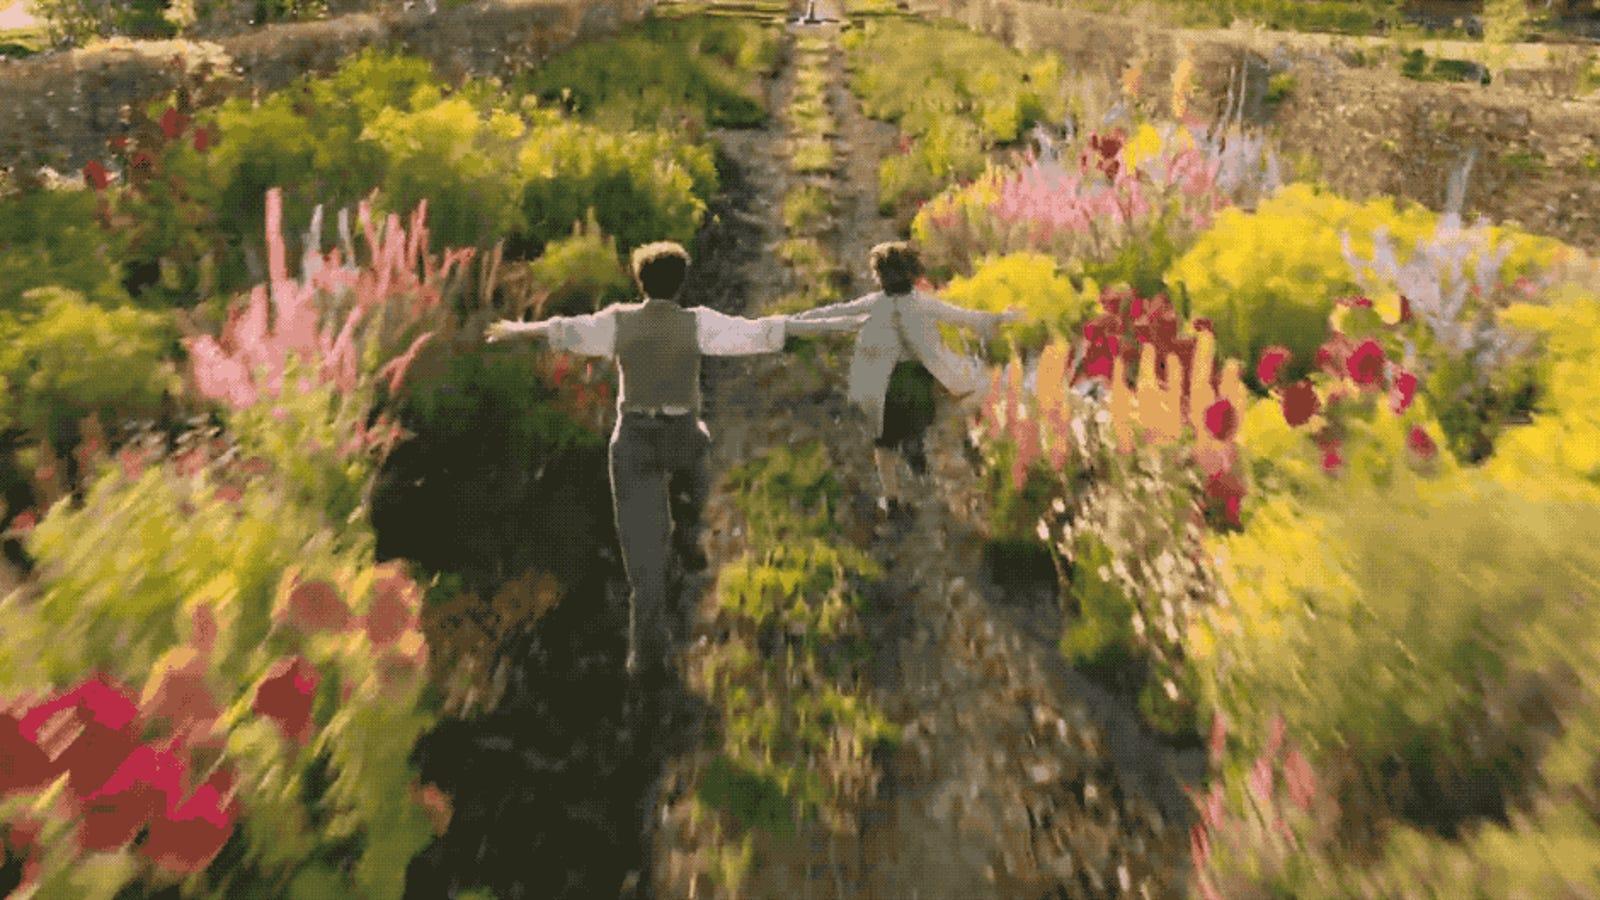 In The Secret Garden Debut Trailer, a Magical World Unfolds